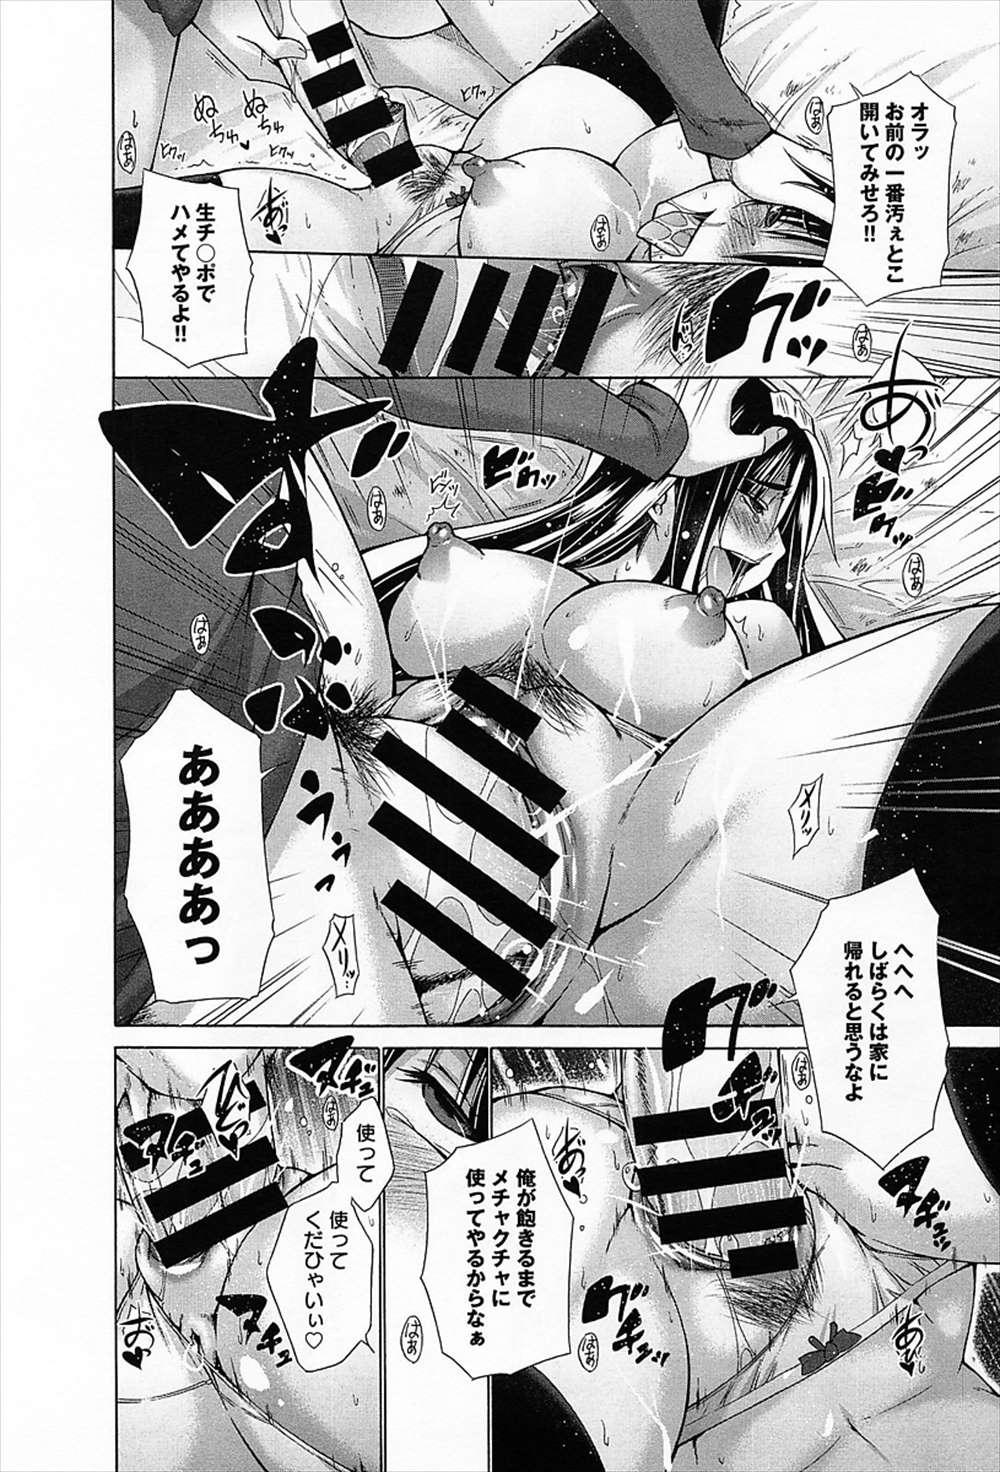 【エロ漫画】出会い系で出会った女はドM…乳首責や玩具責めだけじゃ我慢できずにNTRプレイまでしちゃうwww【宮野金太郎:出会い系で出会った女がドMだった件】